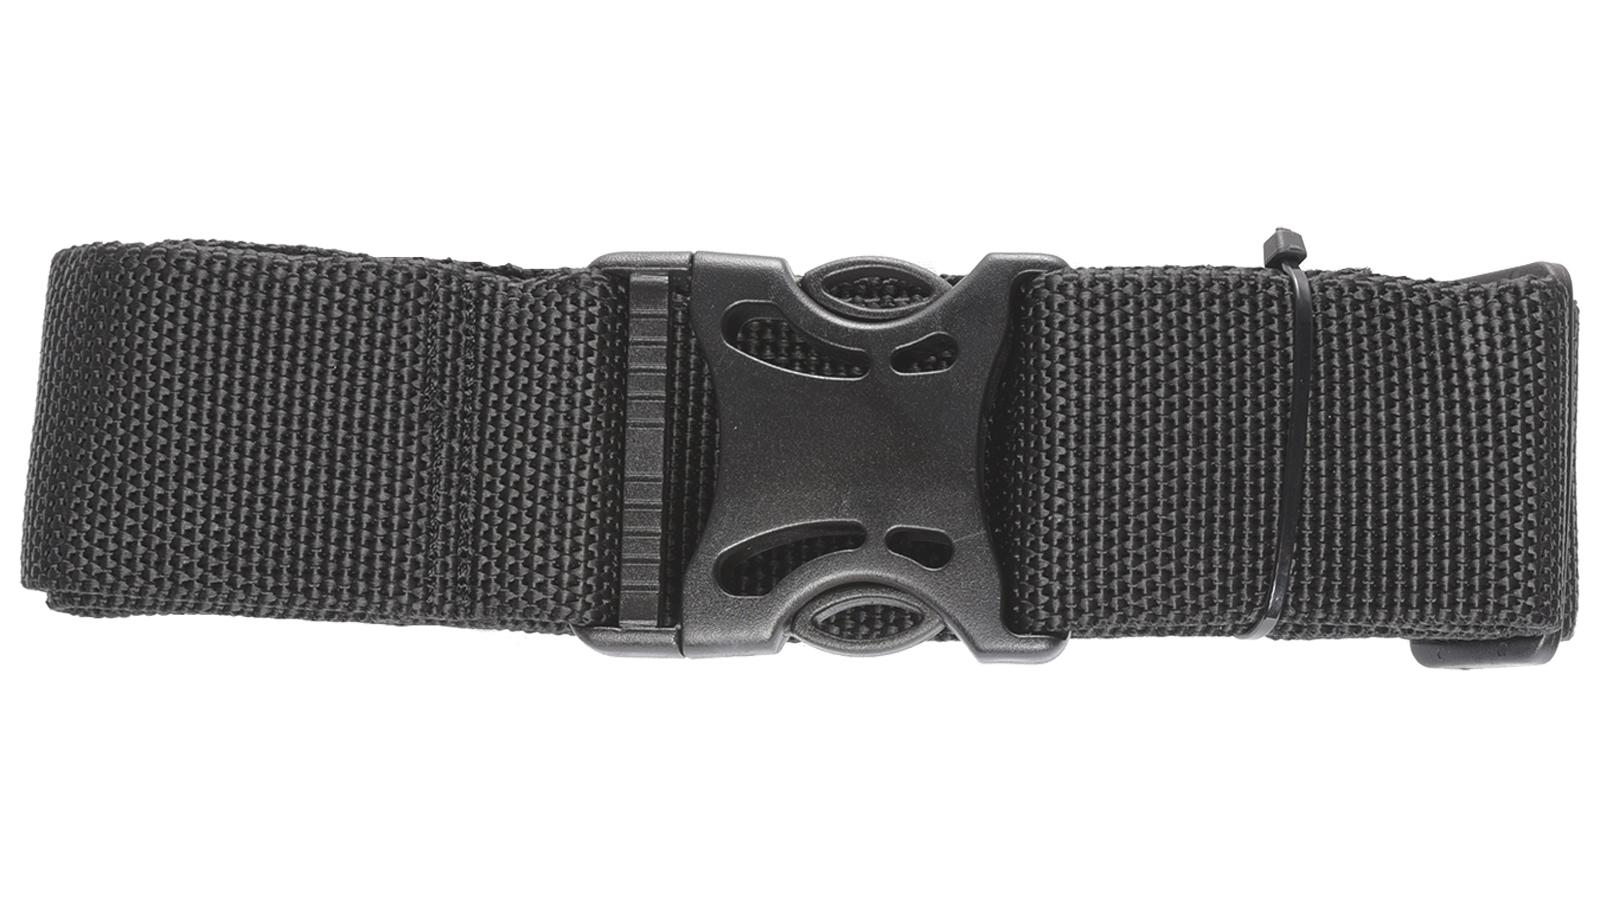 GPS Web Belt 2in Heavy Duty  ABS Buckle 28in-52in Black